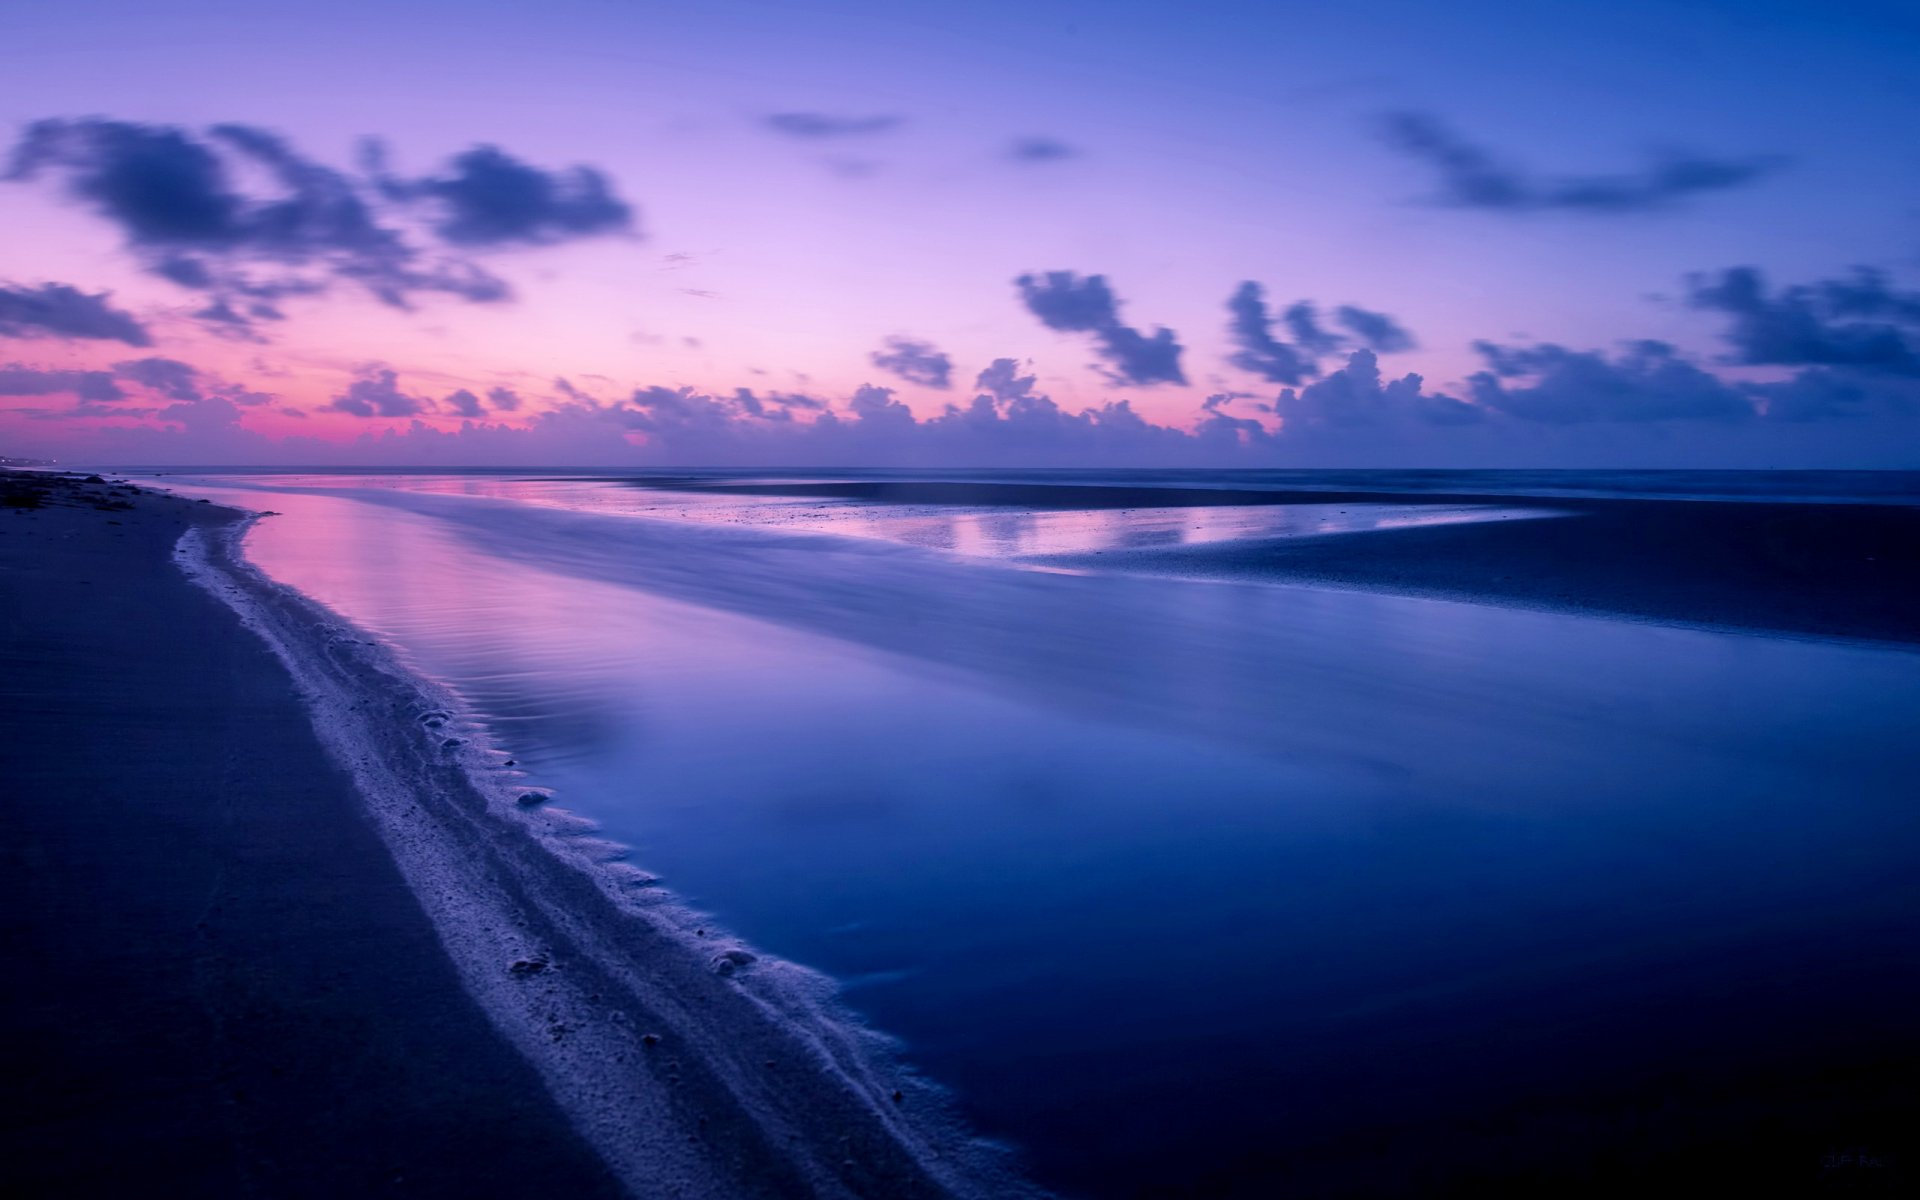 Красивые картинки море ночное